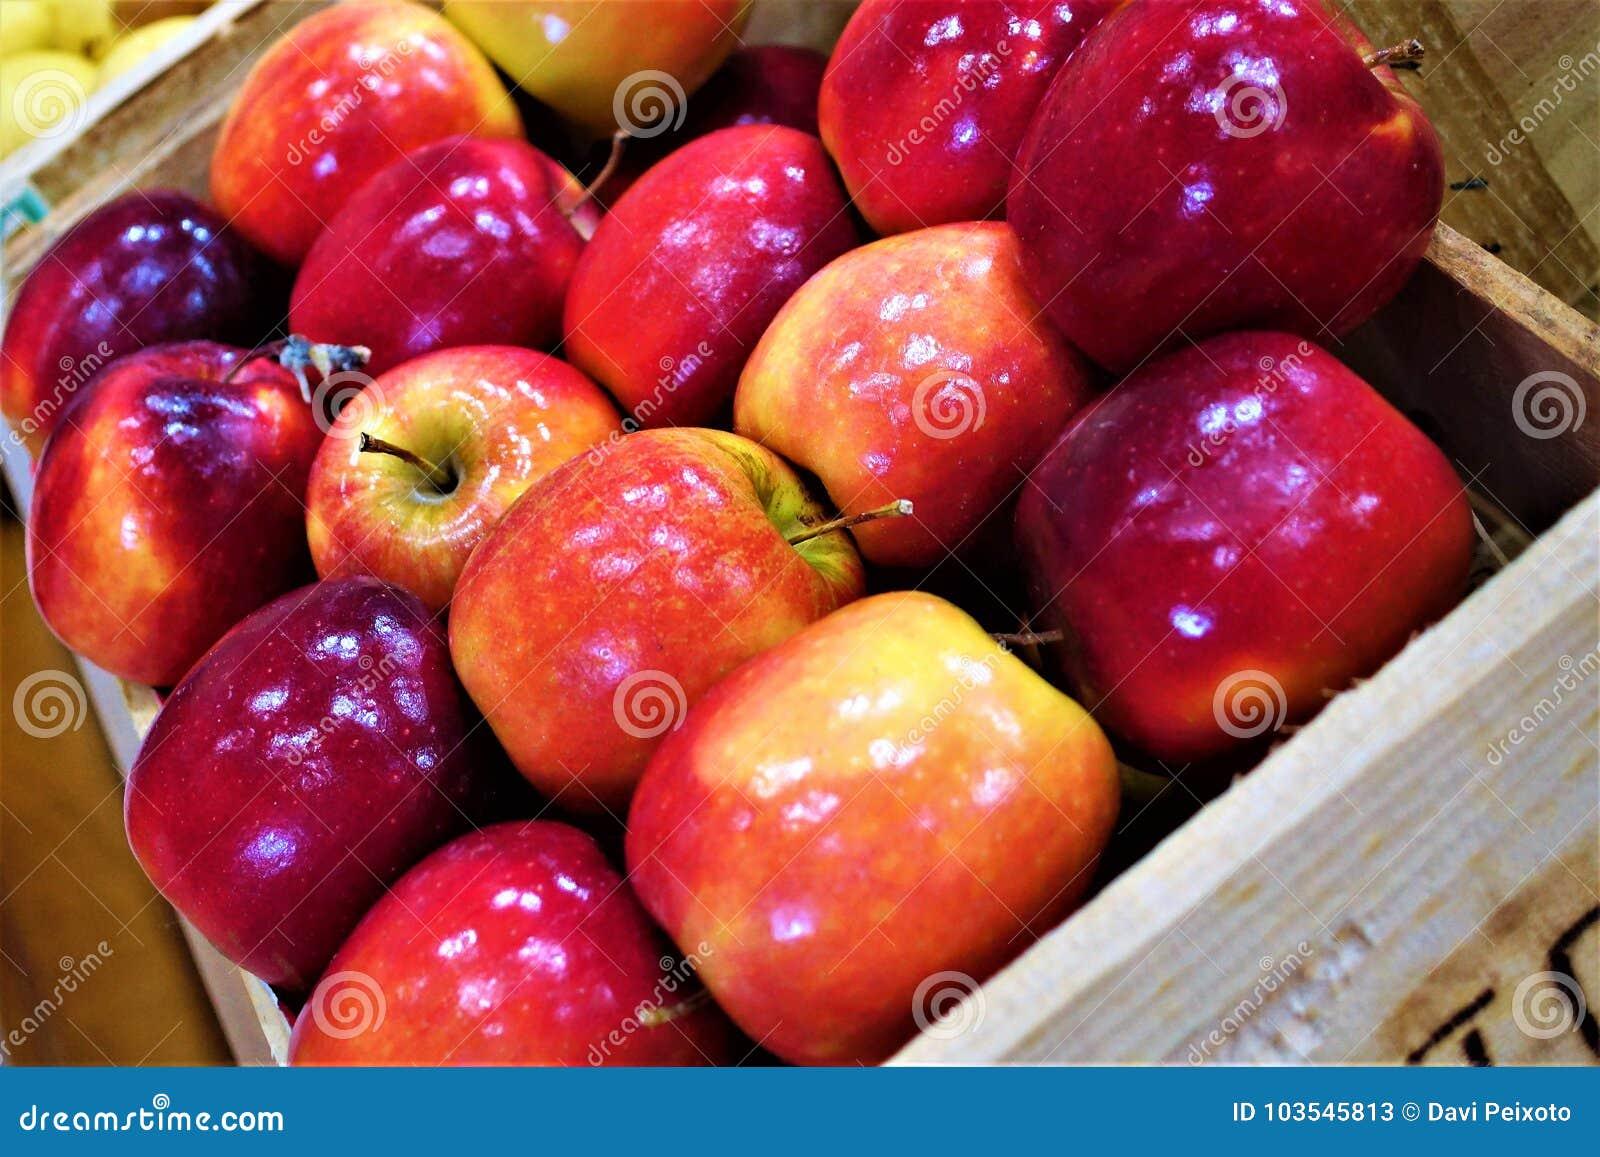 Ask av äpplen